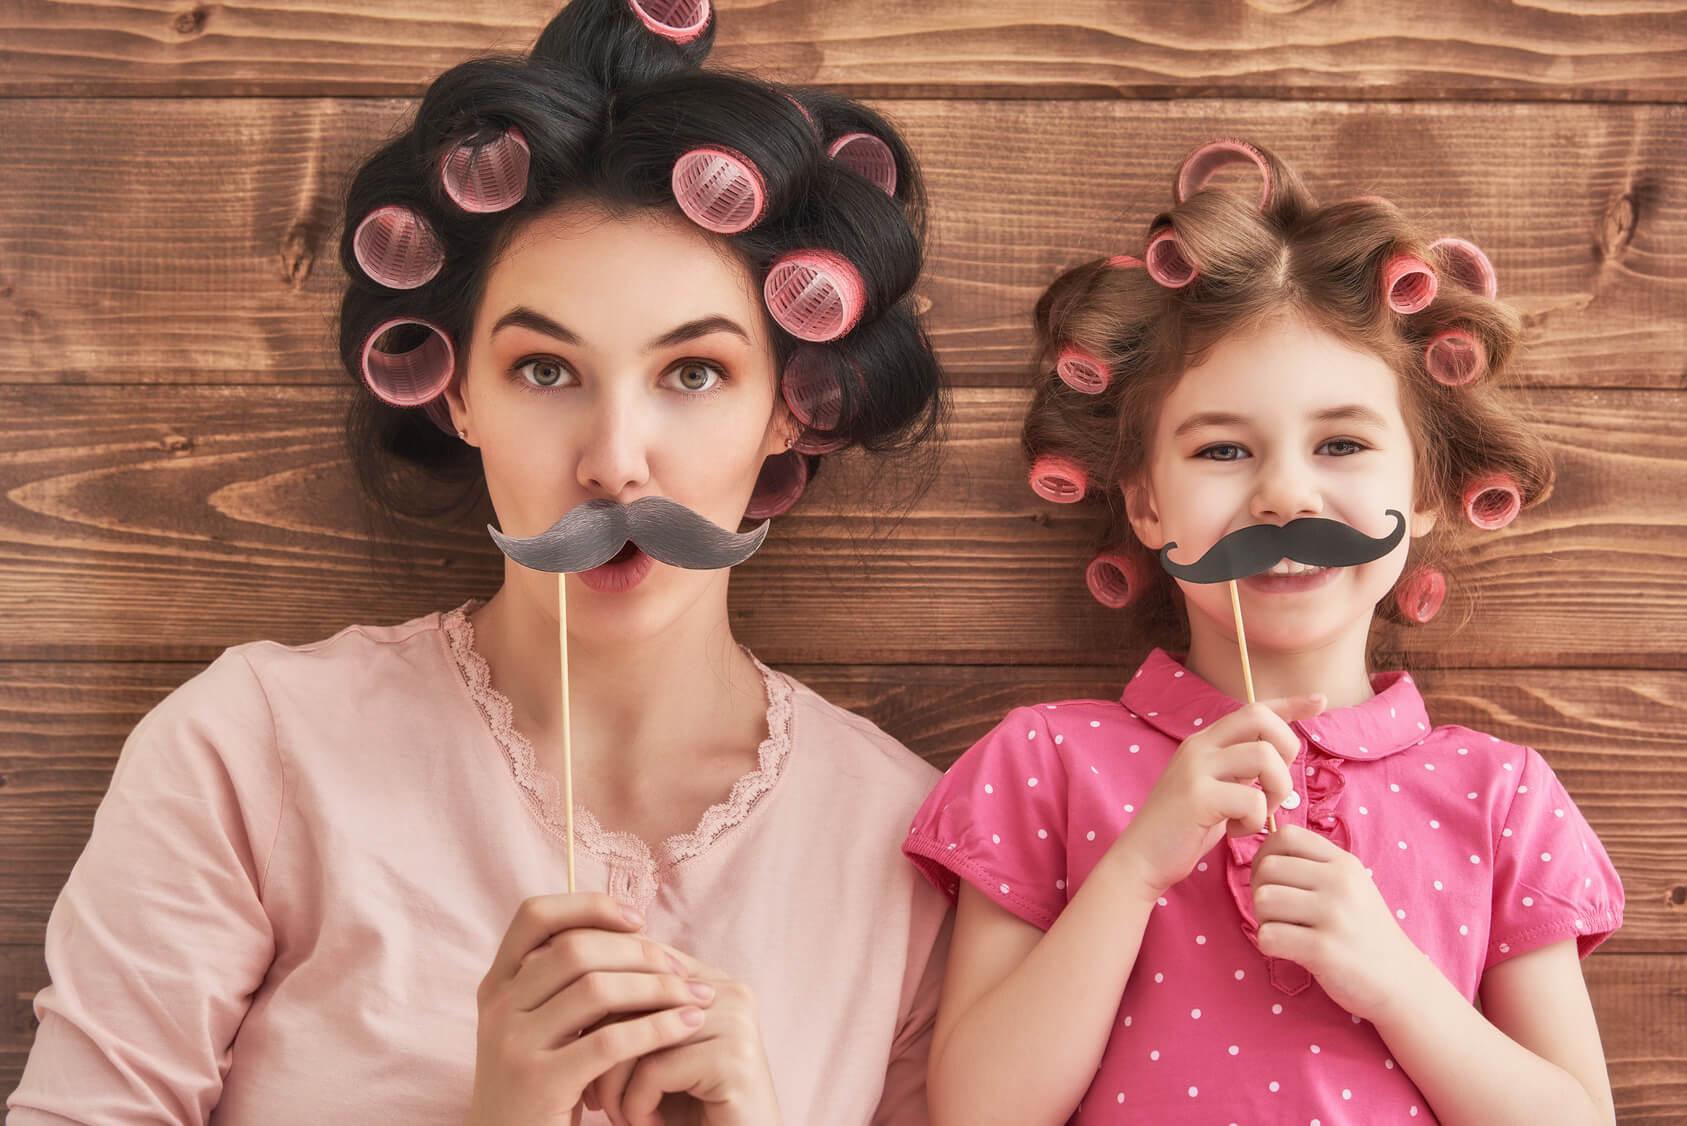 jak nauczyć dziecko pozytywnego myślenia